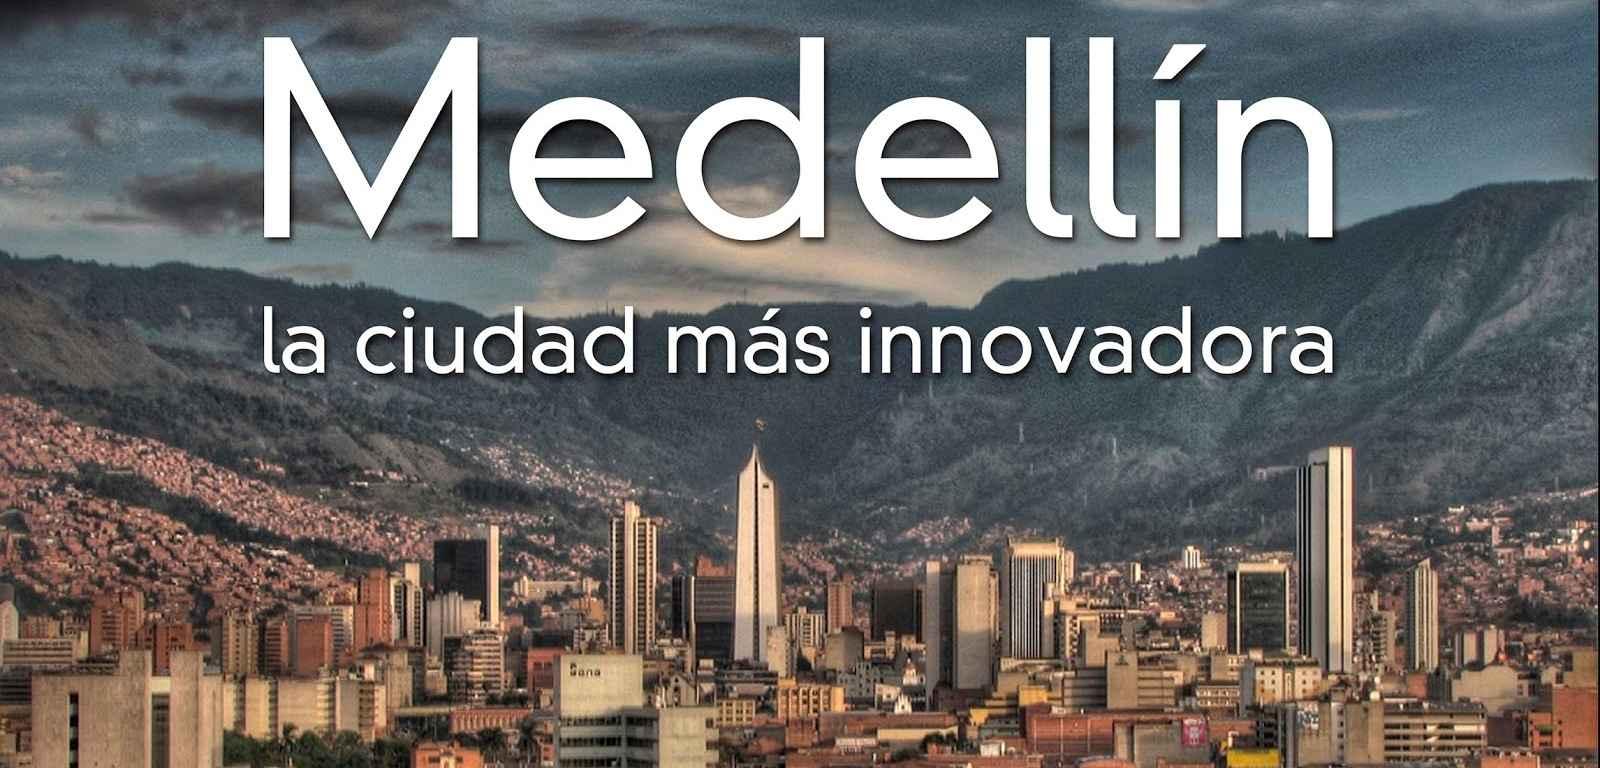 Centro Urbano - Blog de Urbanismo - Medellín y su Nobel de ciudades